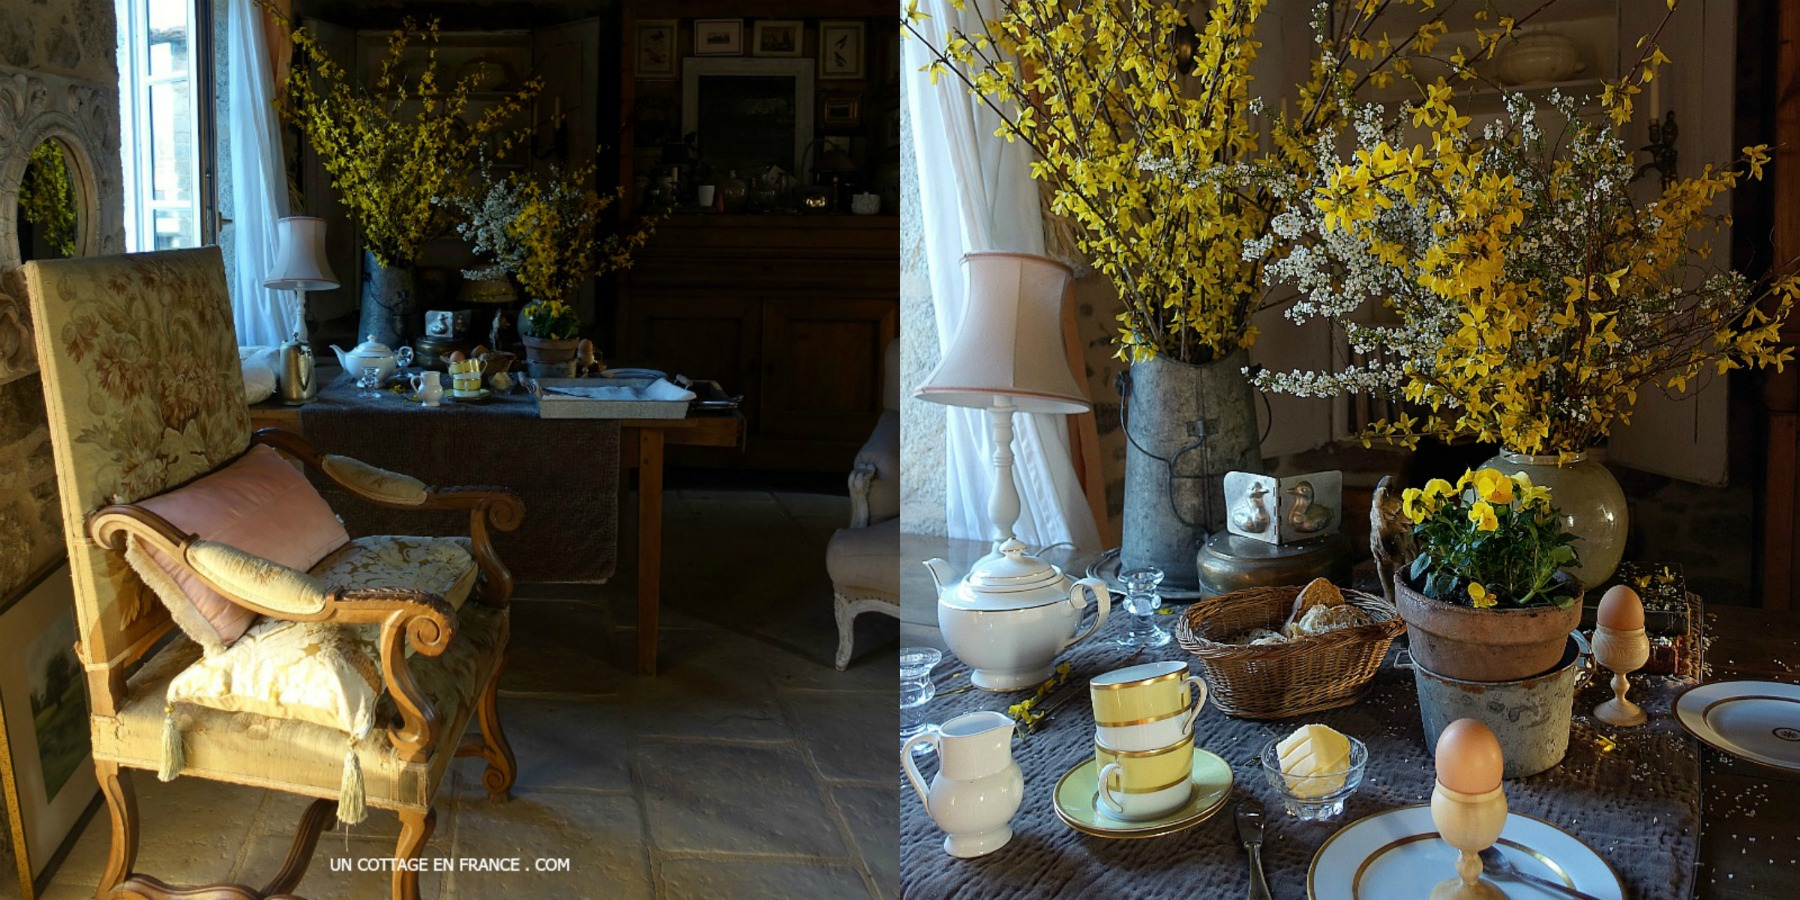 Ambiance de Pâques en jaune au petit déjeuner 5ester feel at the cottage)